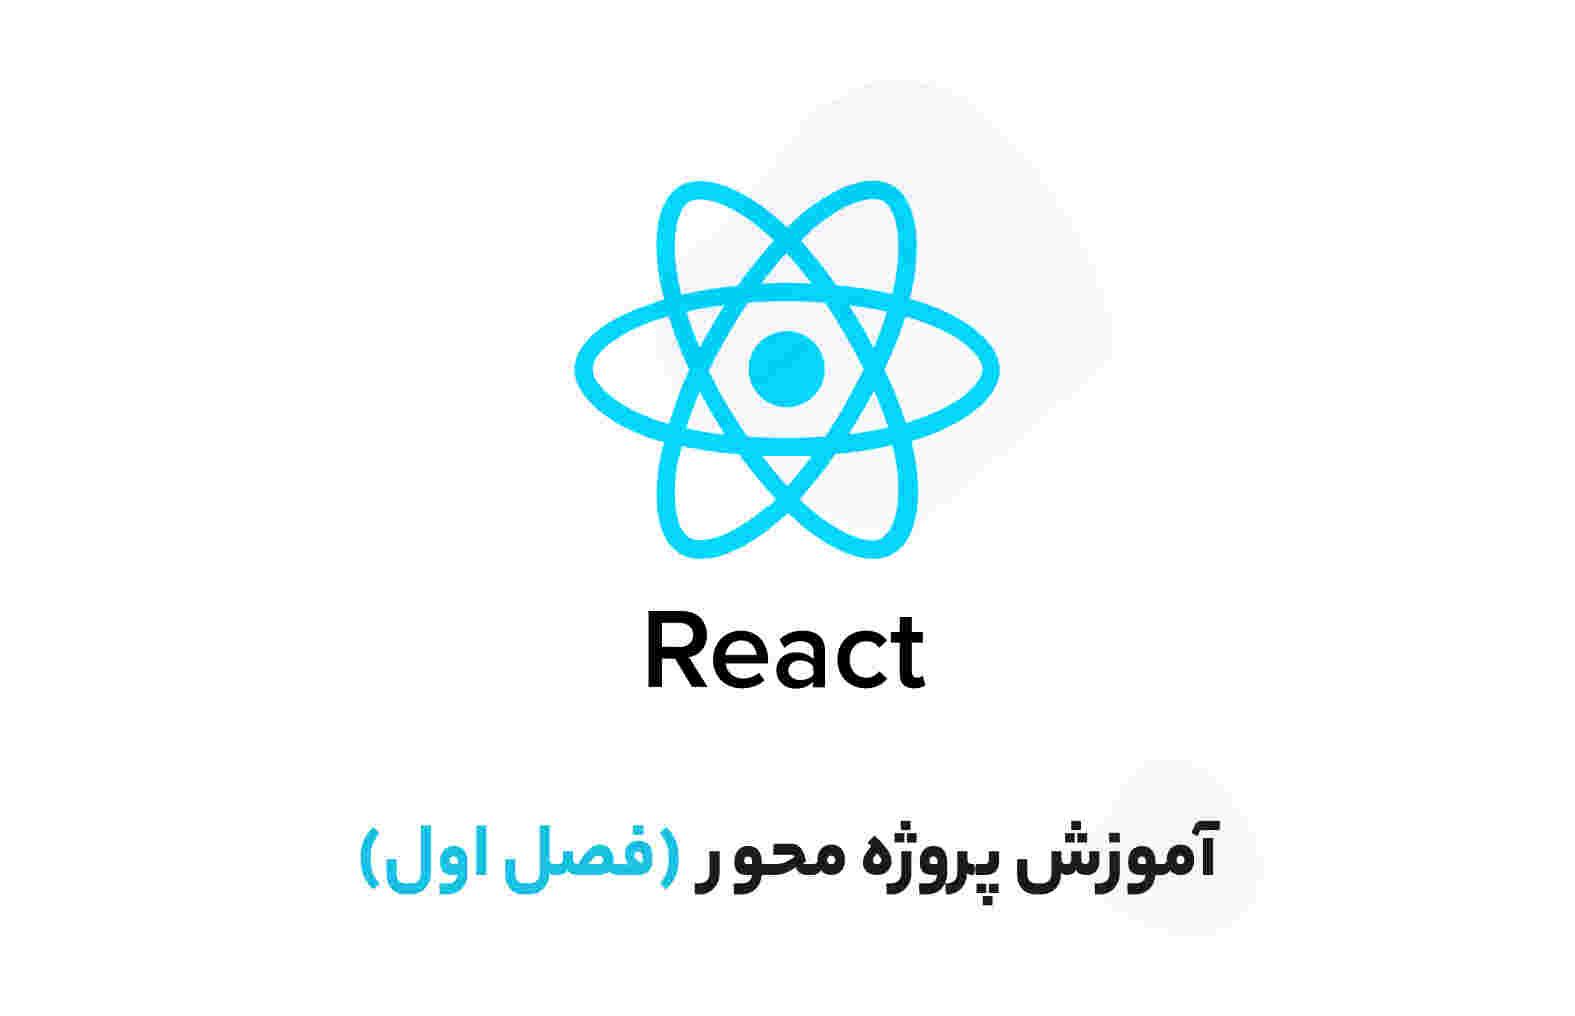 آموزش جامع React js به صورت پروژه محور – فصل اول